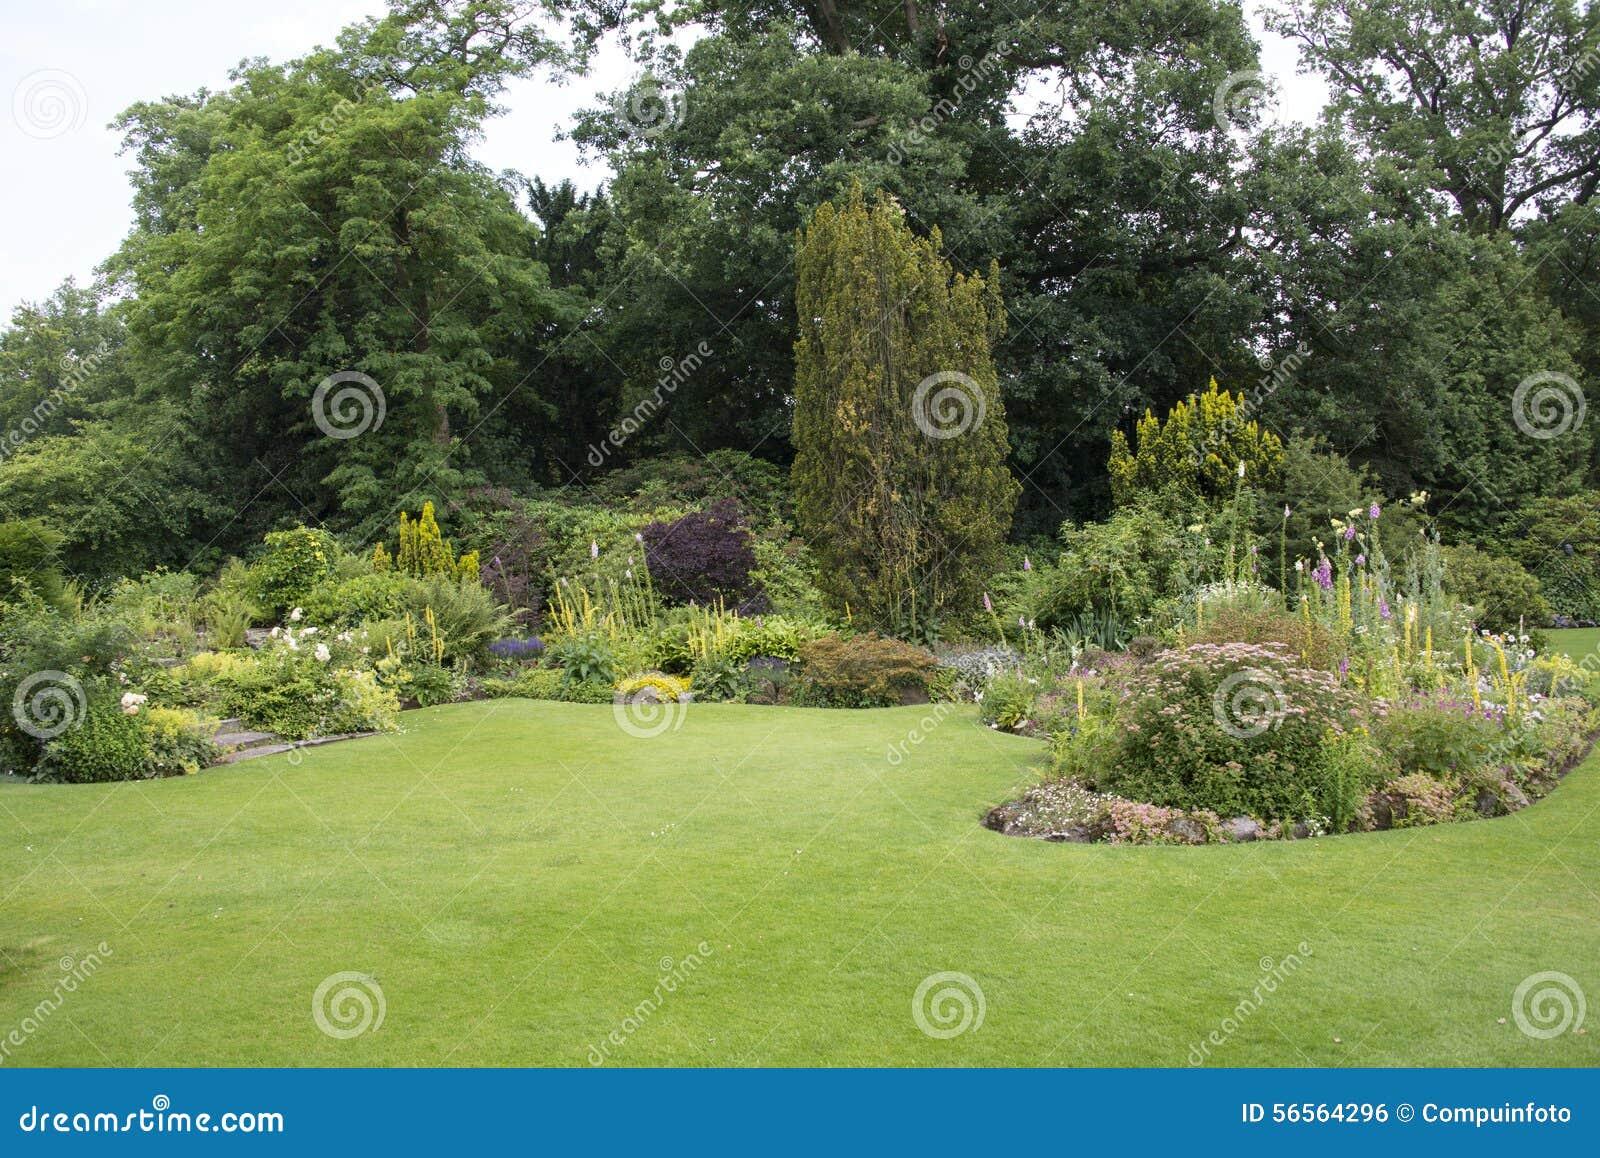 Download Εγκαταστάσεις και λουλούδια στον κήπο Στοκ Εικόνες - εικόνα από σύνθεση, κηπουρική: 56564296